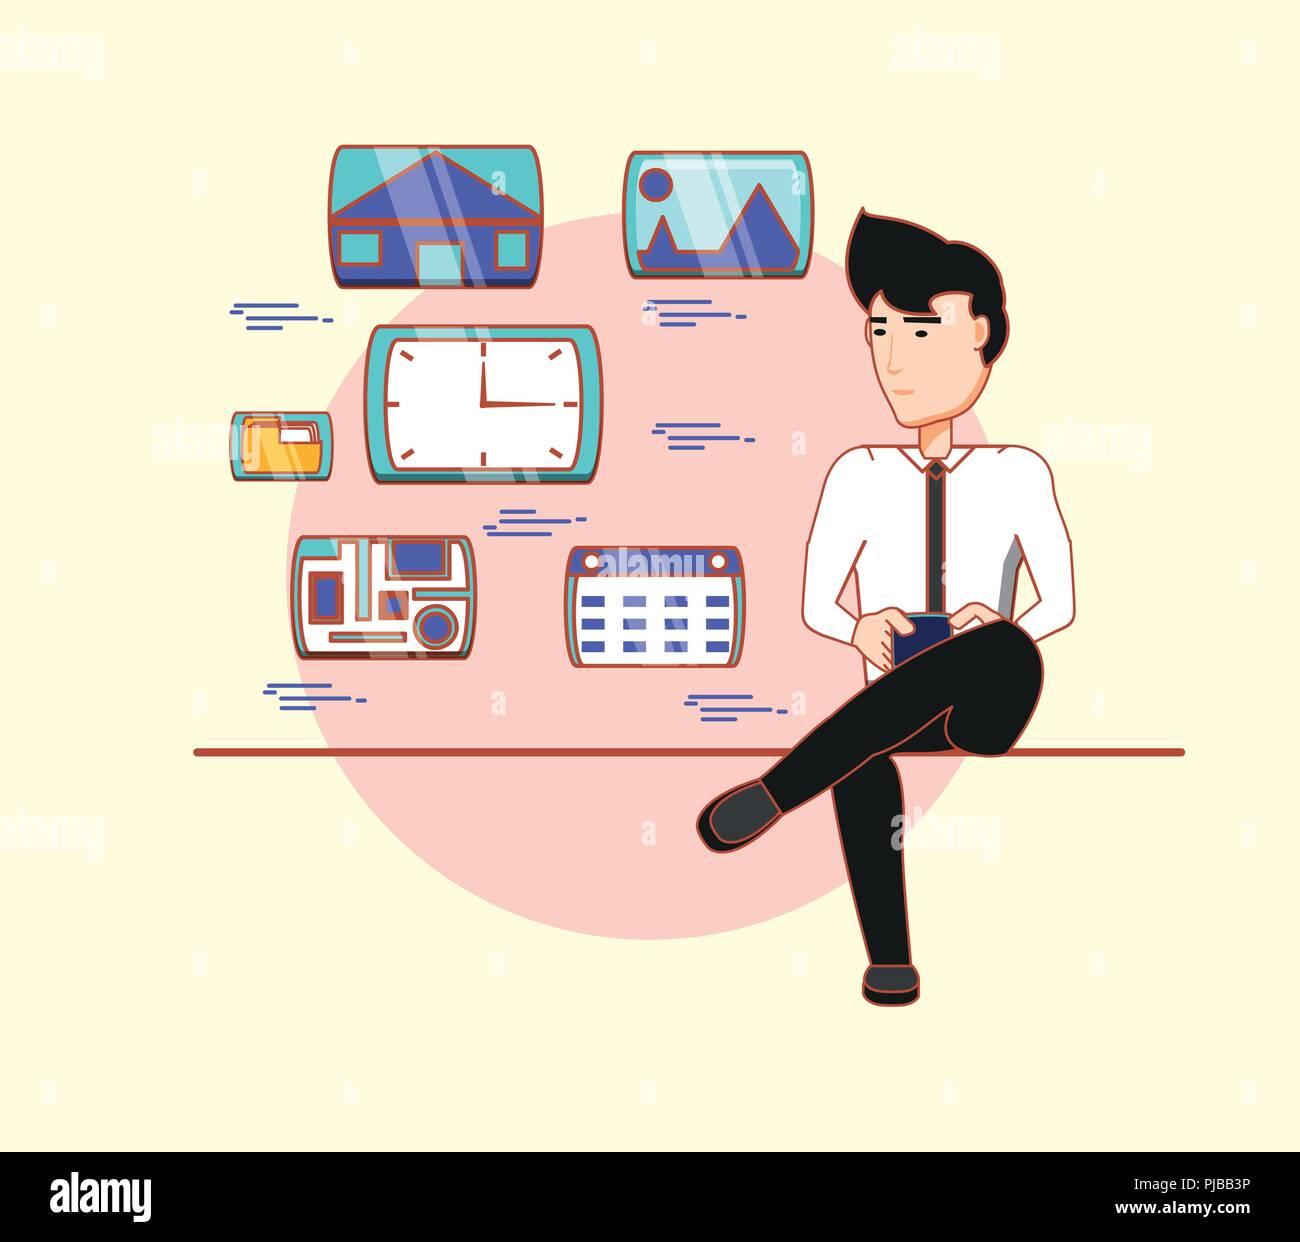 Empresario sentado utilizando aplicaciones móviles social media ilustración vectorial Imagen De Stock